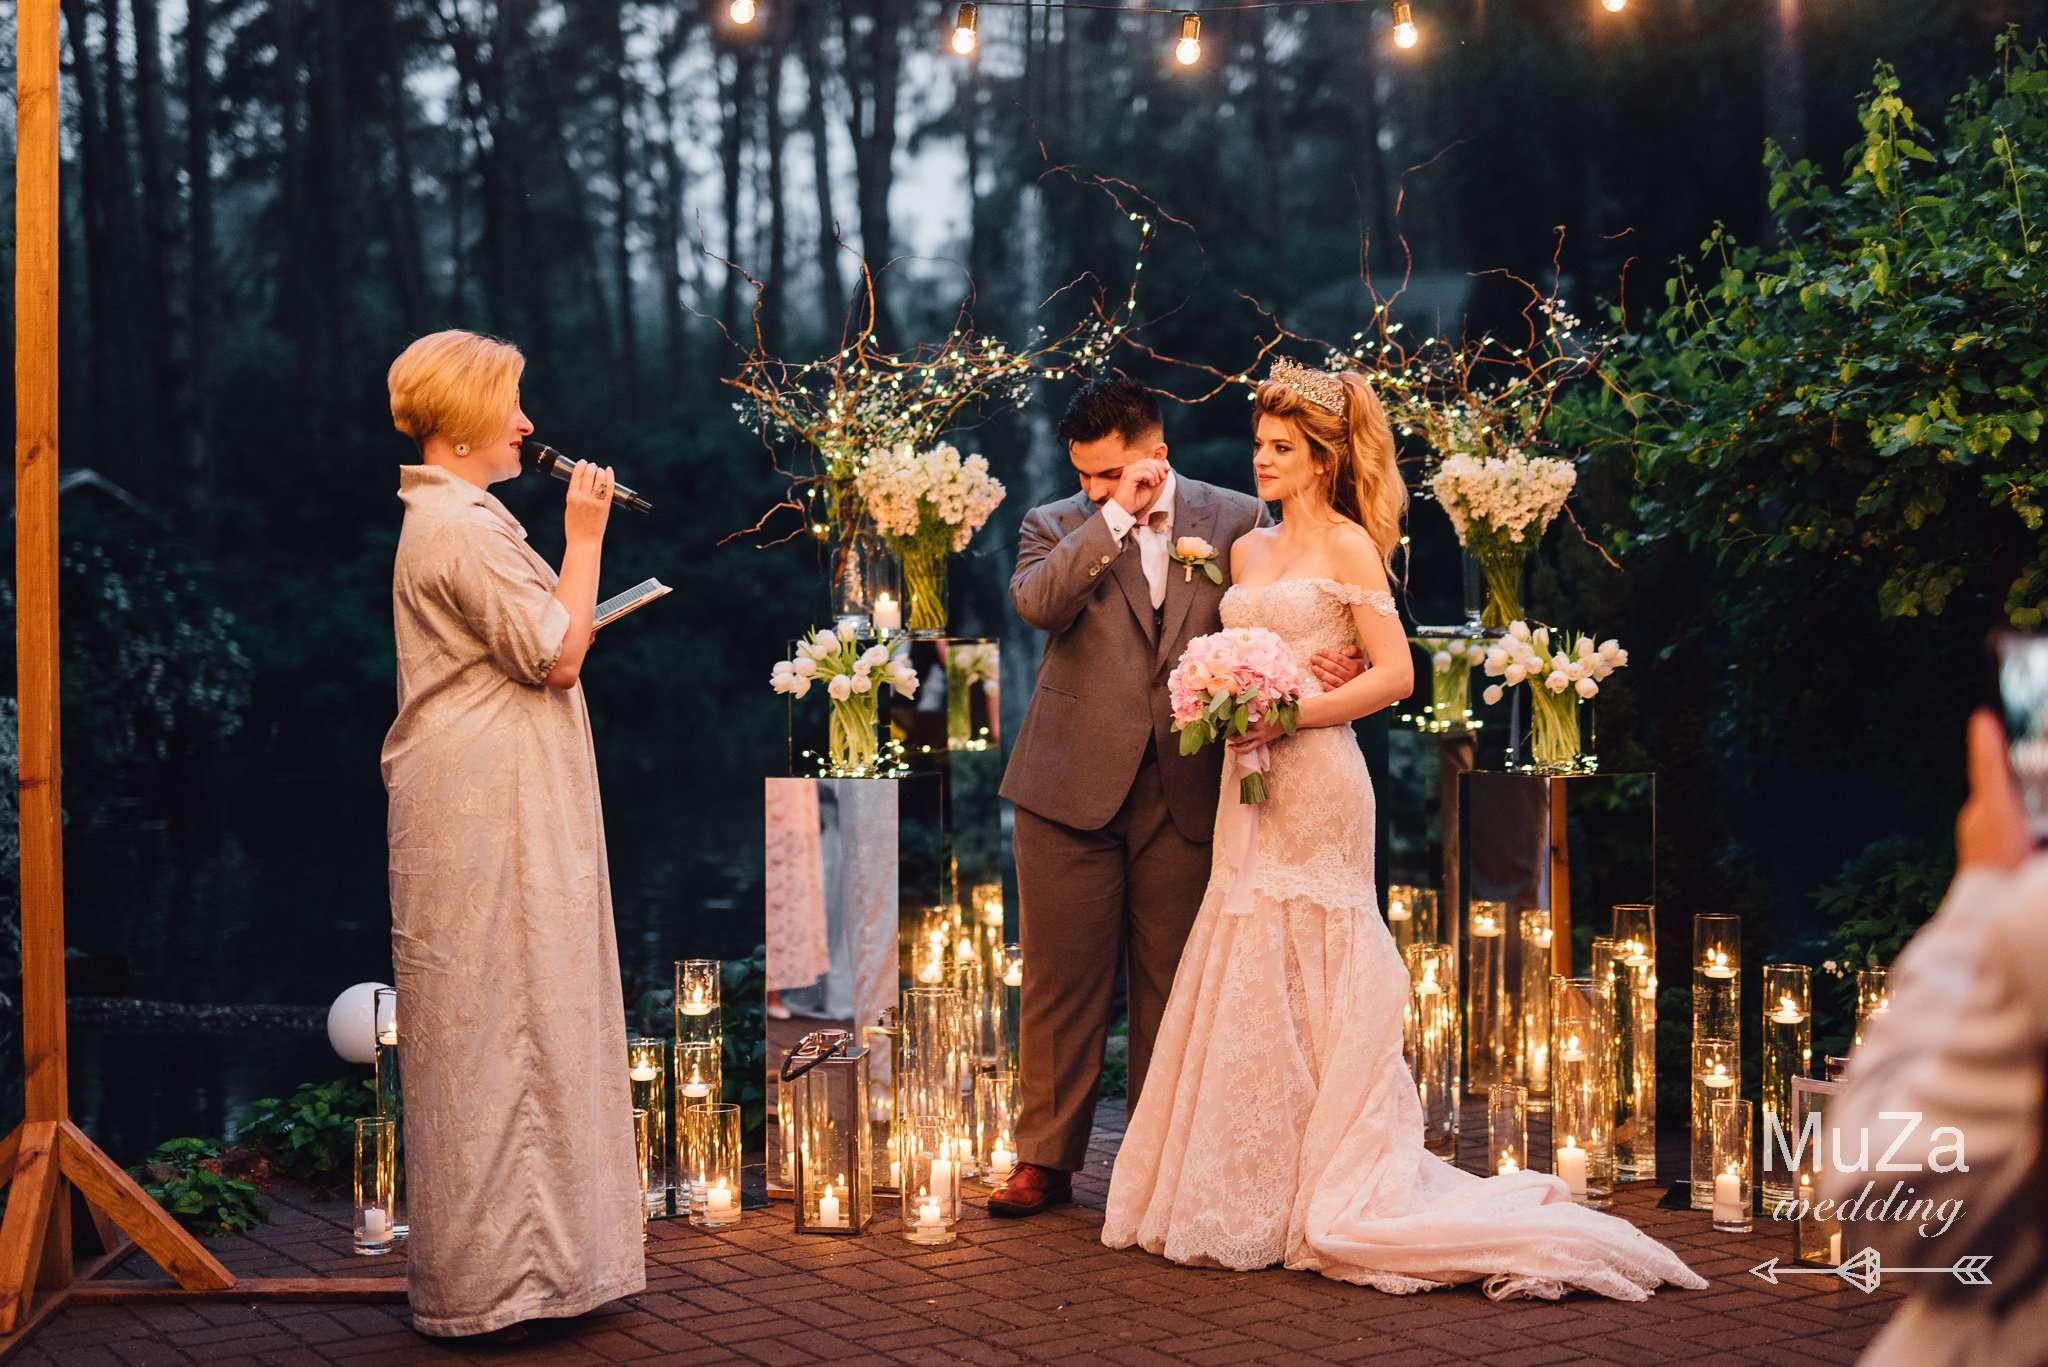 церемония, свечи, огни, гирлянды